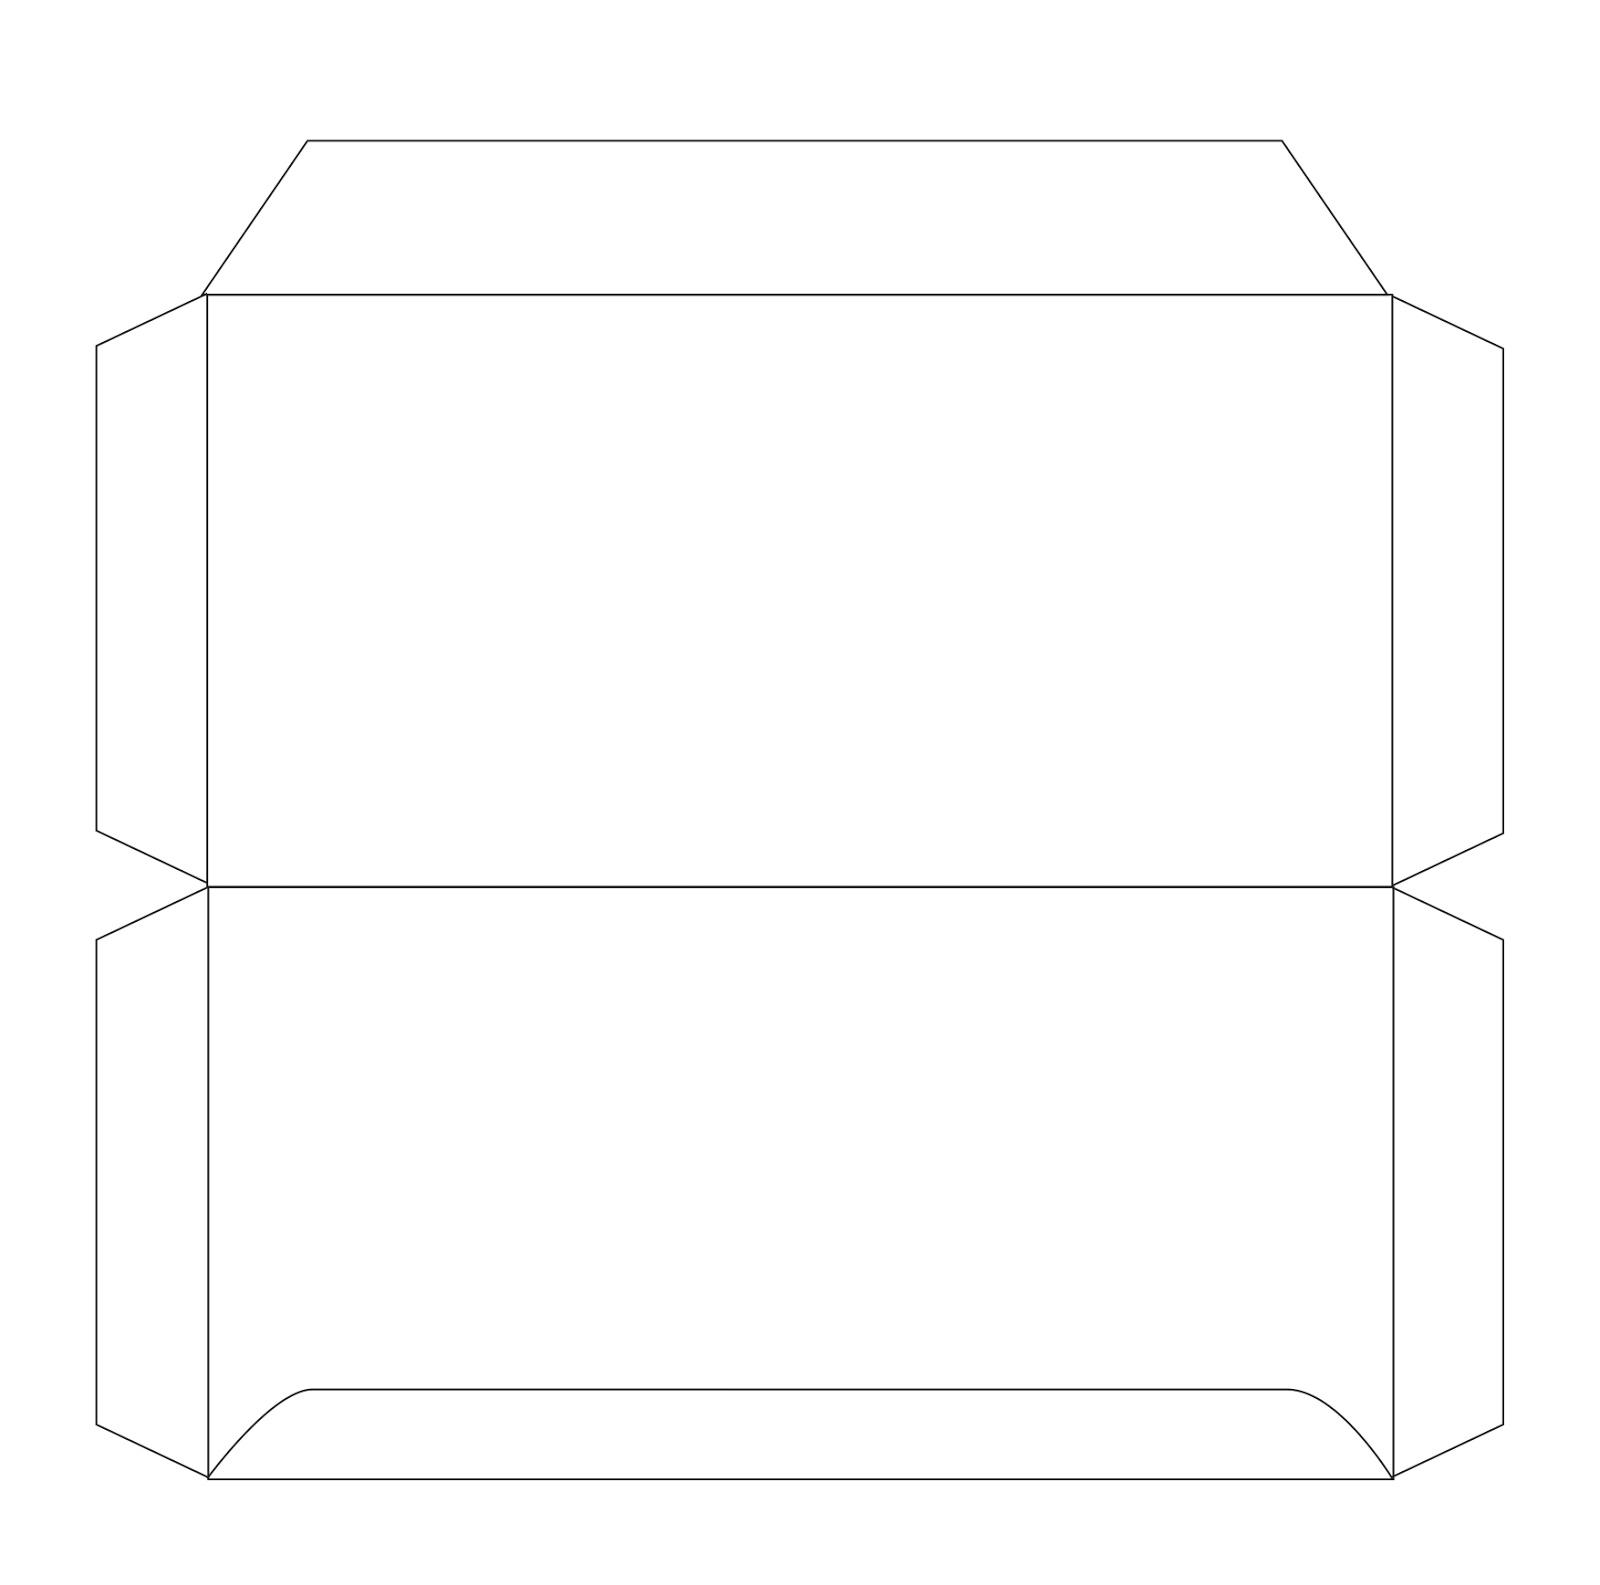 design practice message delivery distribution. Black Bedroom Furniture Sets. Home Design Ideas